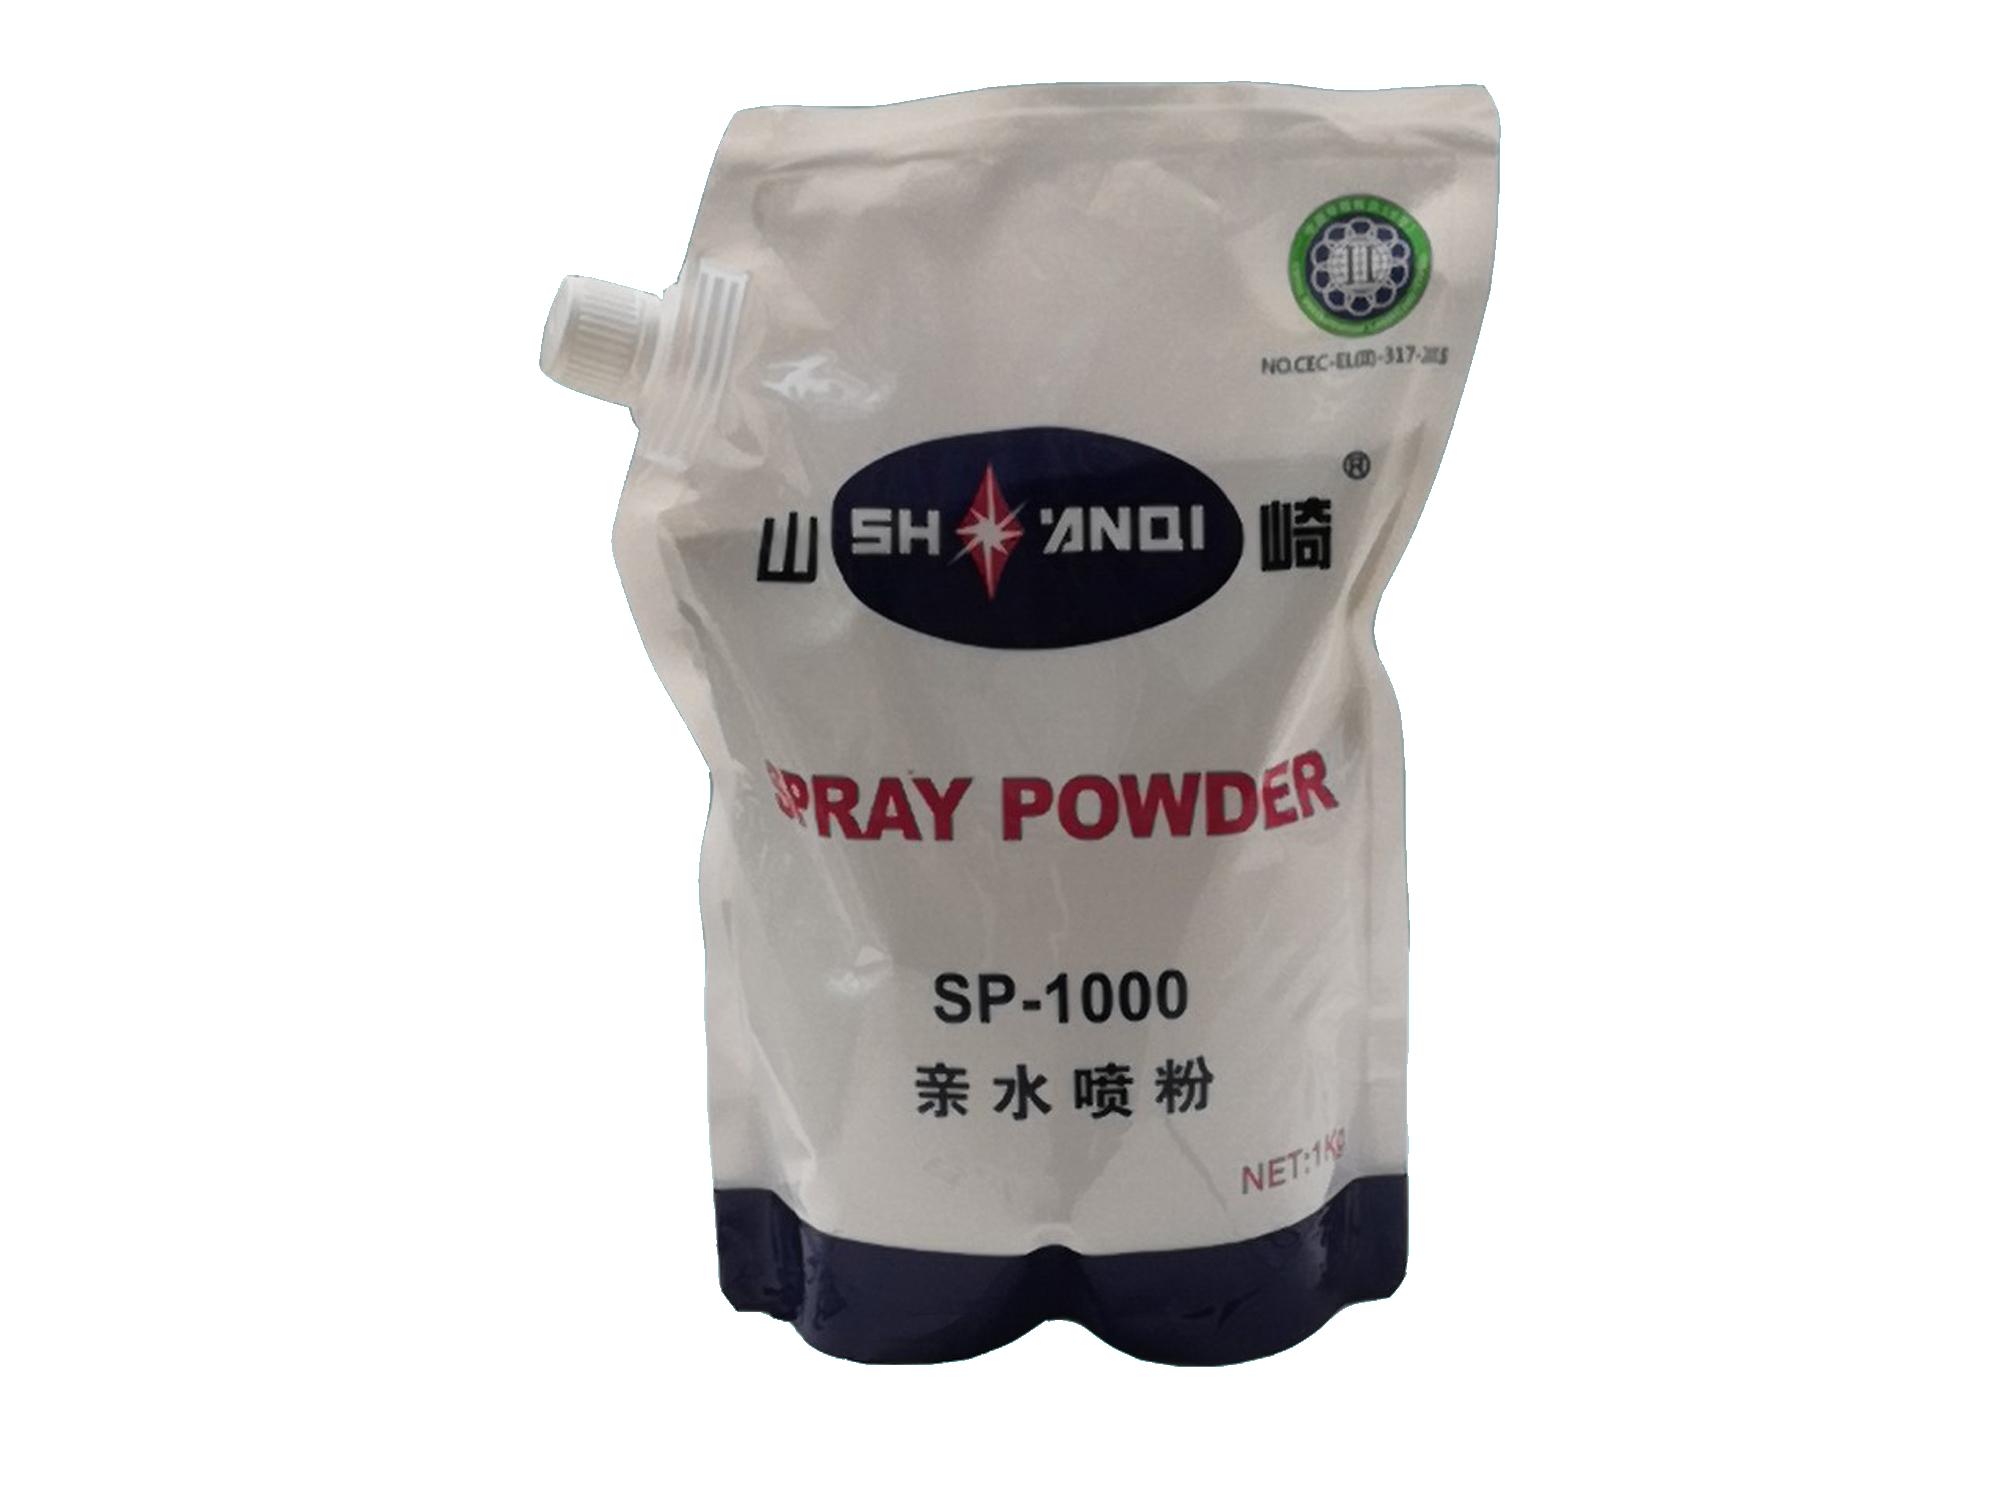 SP-1000 Hydrophilic Spray Powder